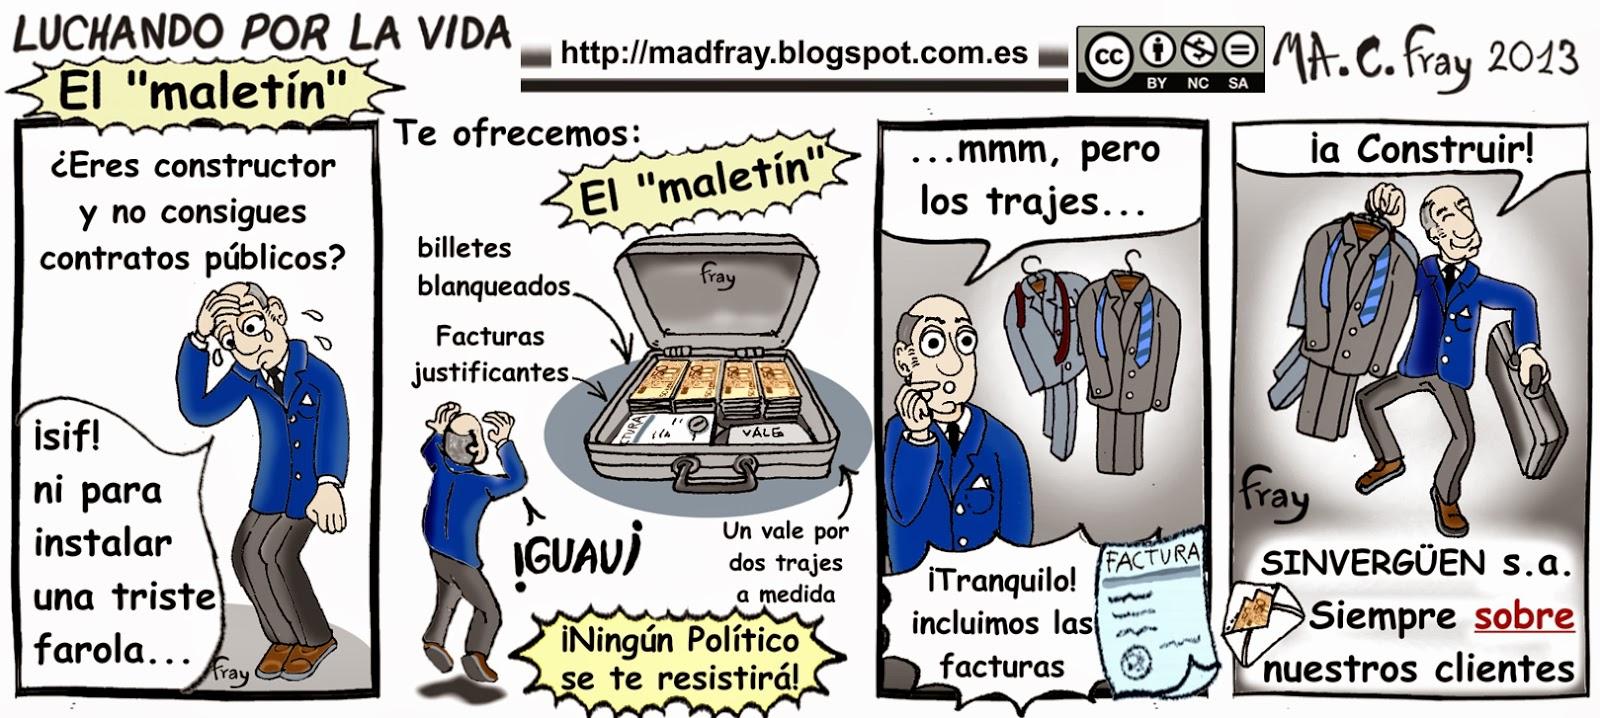 Viñeta de Humor: Las bolsas de basura no tienen ningún glamour, ¿Qué sería de la corrupción, sin los maletines? Mad Fray